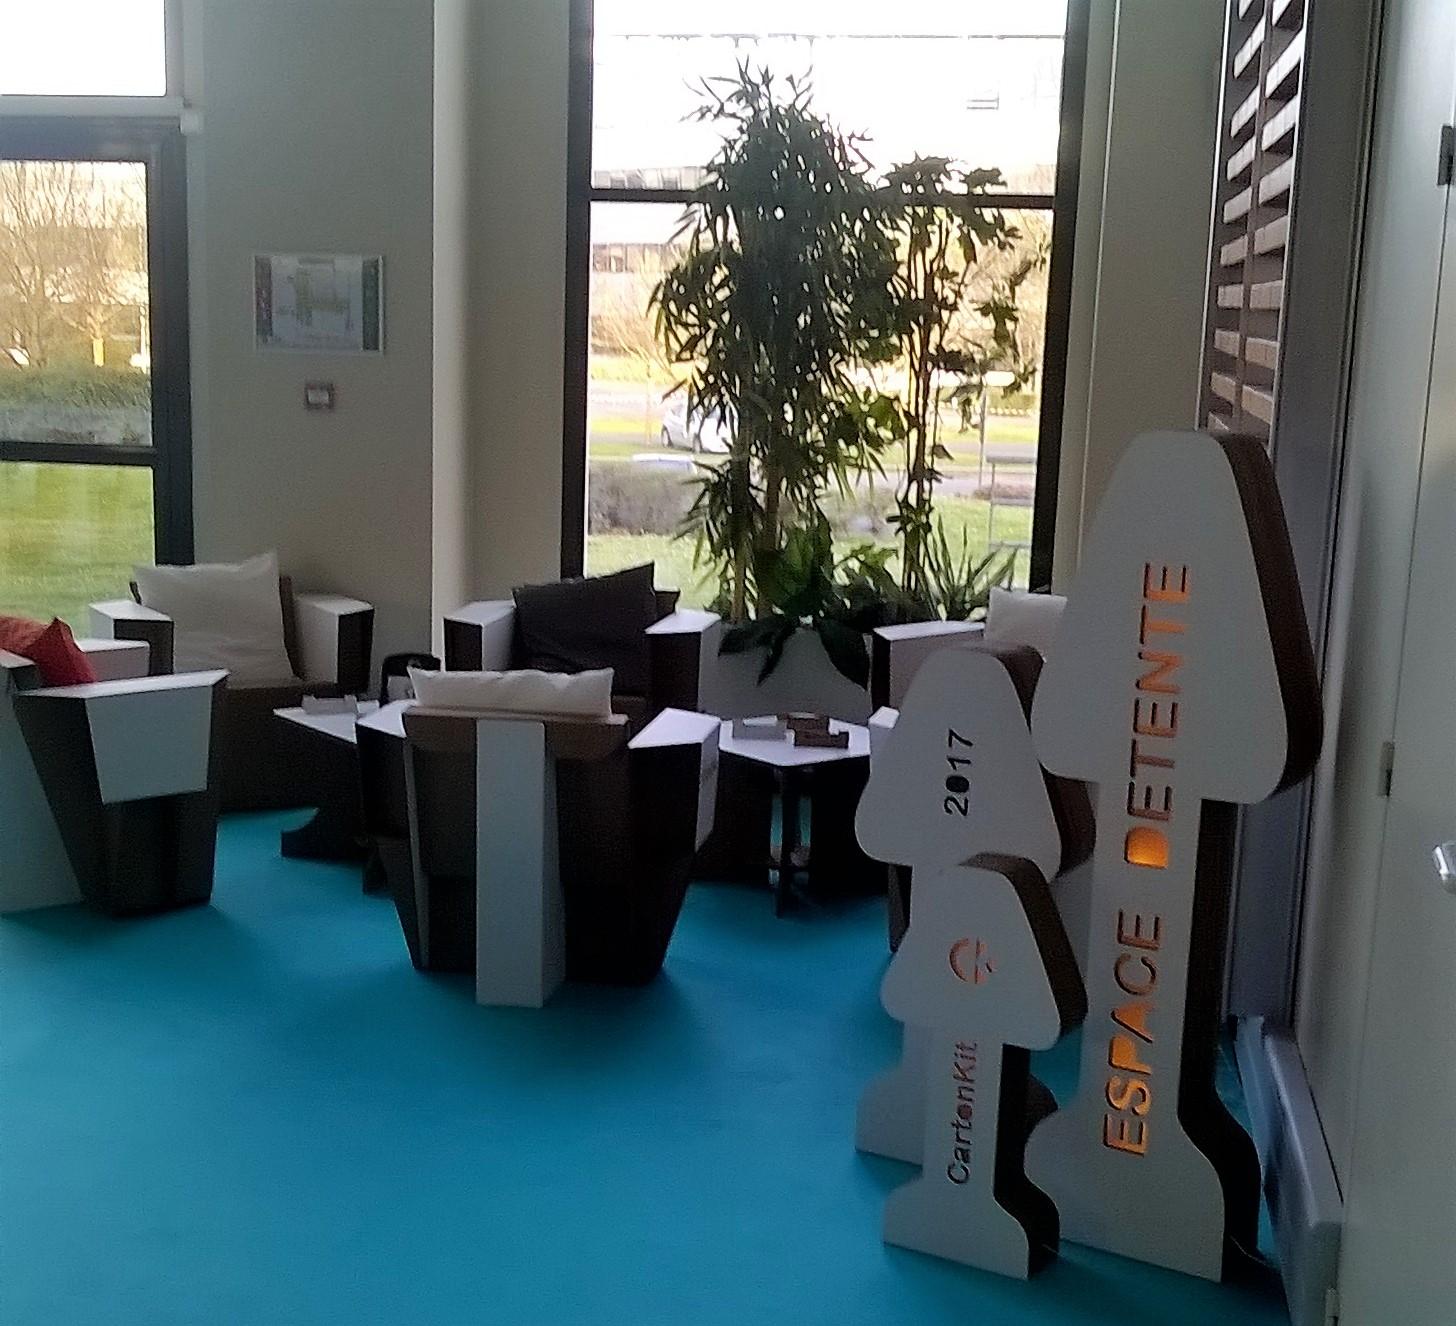 Carton kit cr ations objets et meubles 100 carton for Amenagement espace detente entreprise